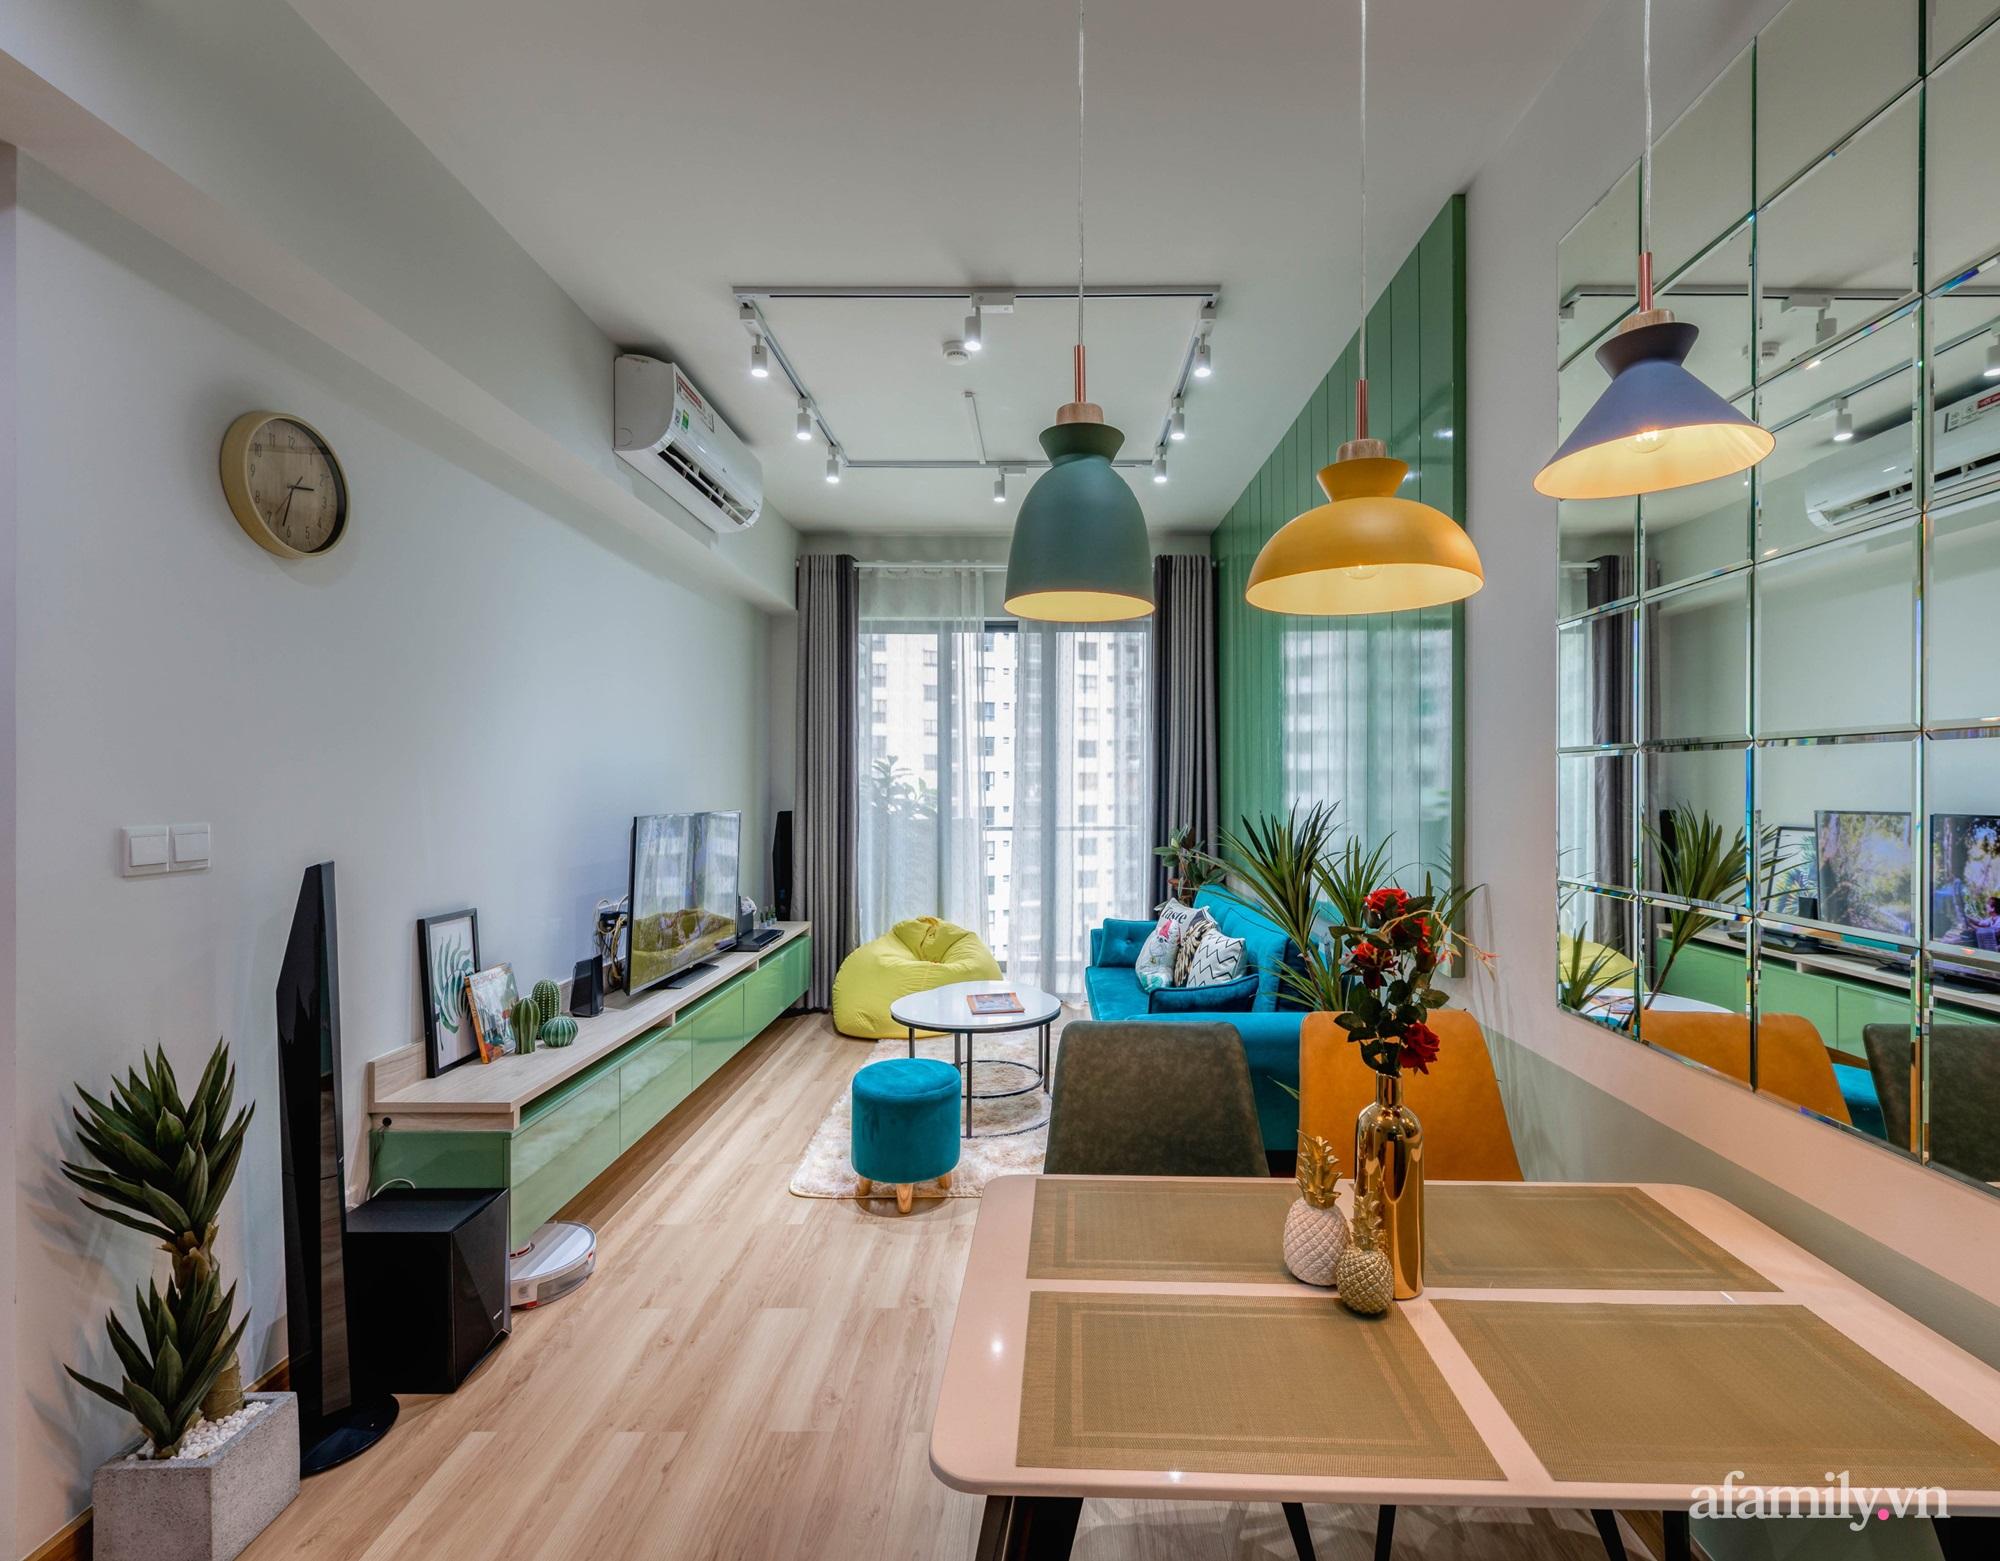 Căn hộ 69m² tạo dấu ấn đặc biệt với phong cách Tropical có chi phí thi công 180 triệu đồng ở Sài Gòn - Ảnh 3.